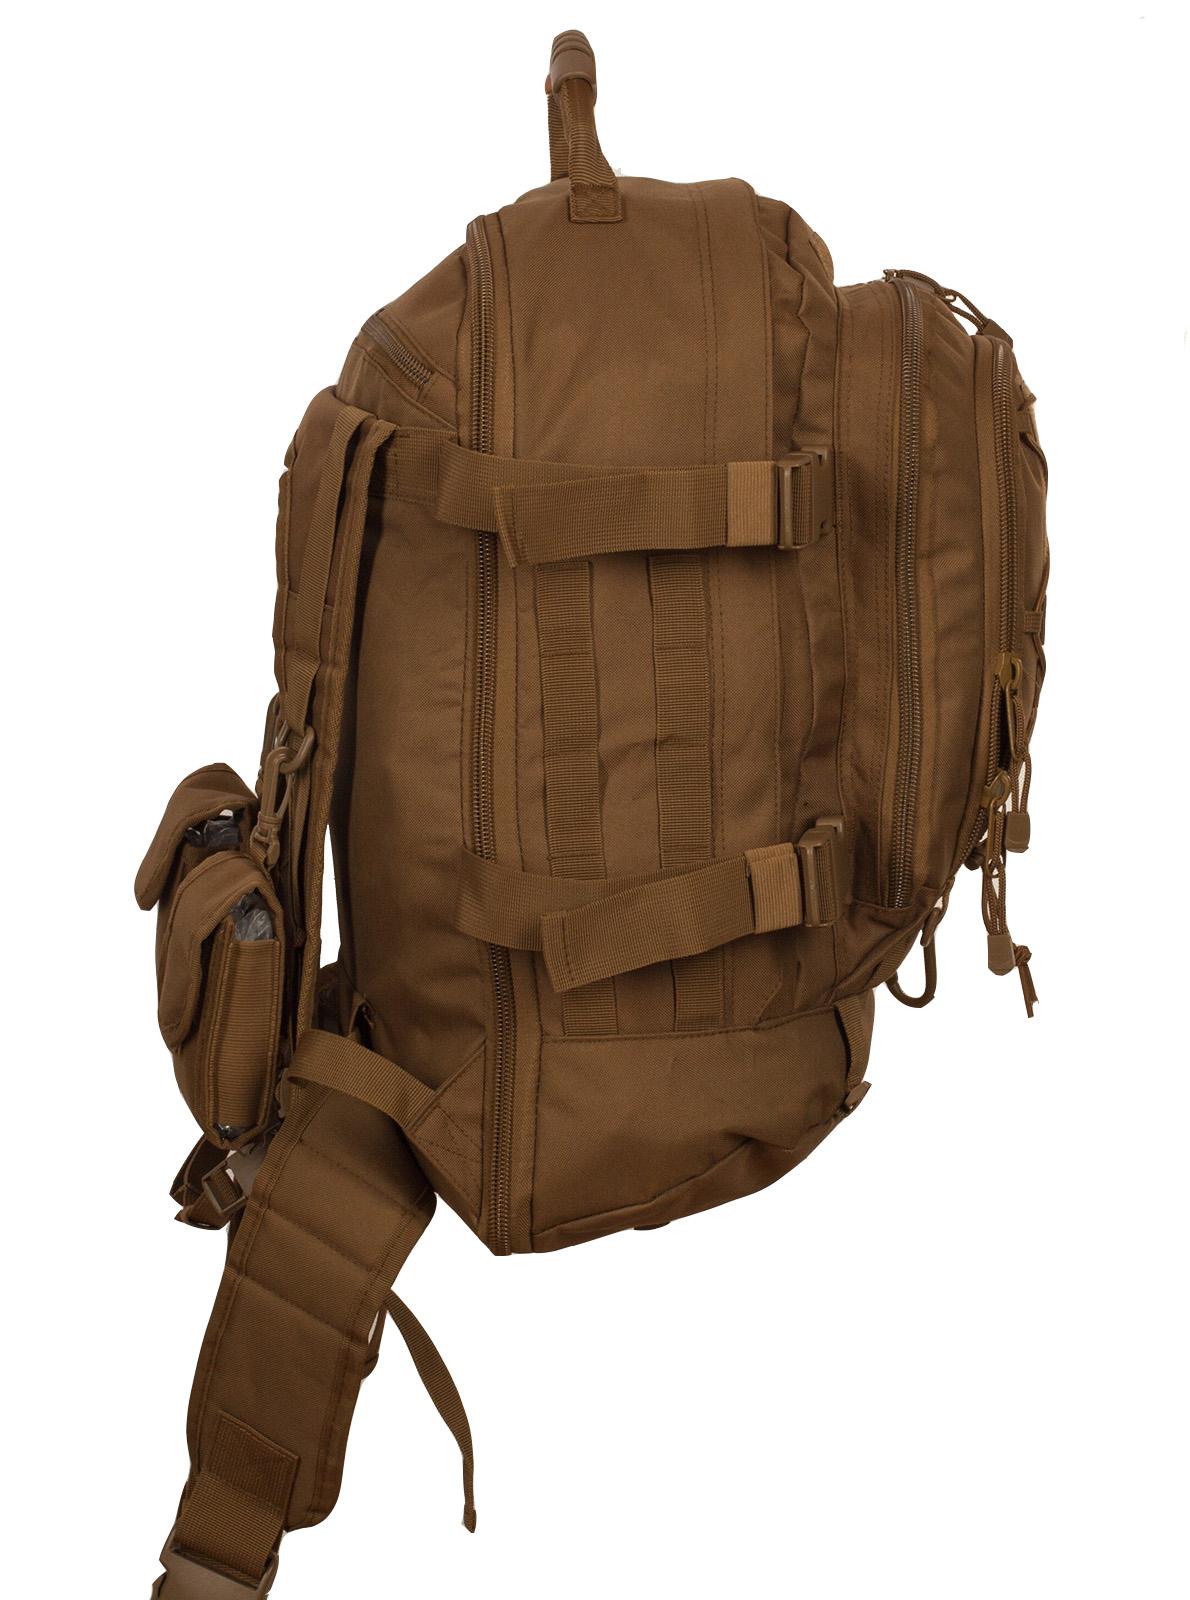 Патрульный тактический рюкзак с нашивкой Погранвойск - заказать в подарок